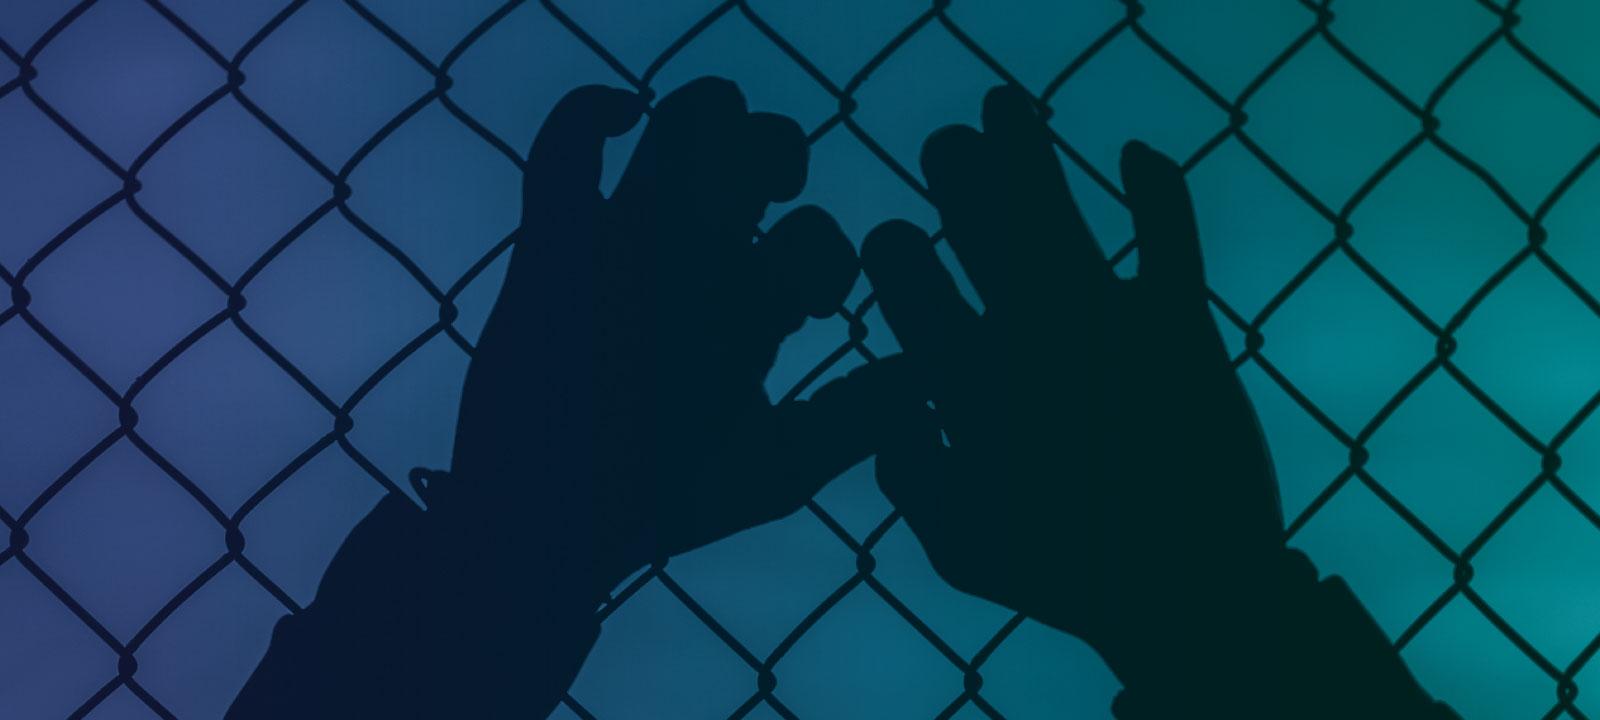 La responsabilidad penal y el enjuiciamiento de las personas con enfermedades mentales e inimputables